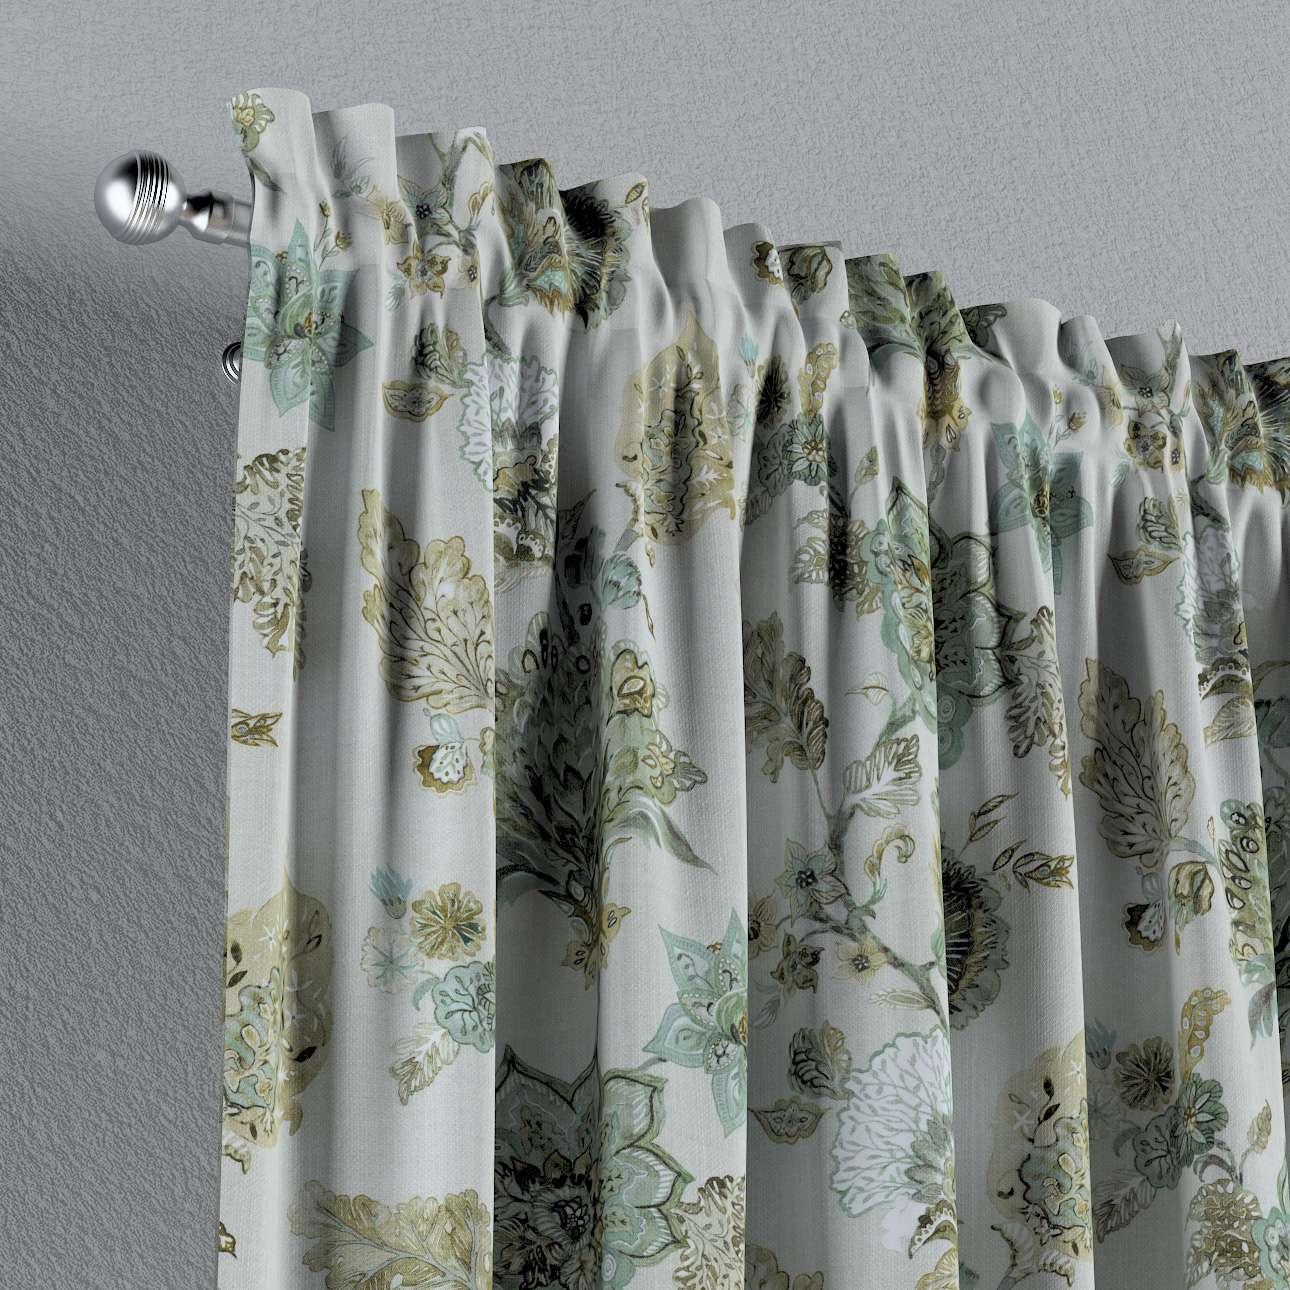 Zasłona na kanale z grzywką 1 szt. w kolekcji Flowers, tkanina: 143-67